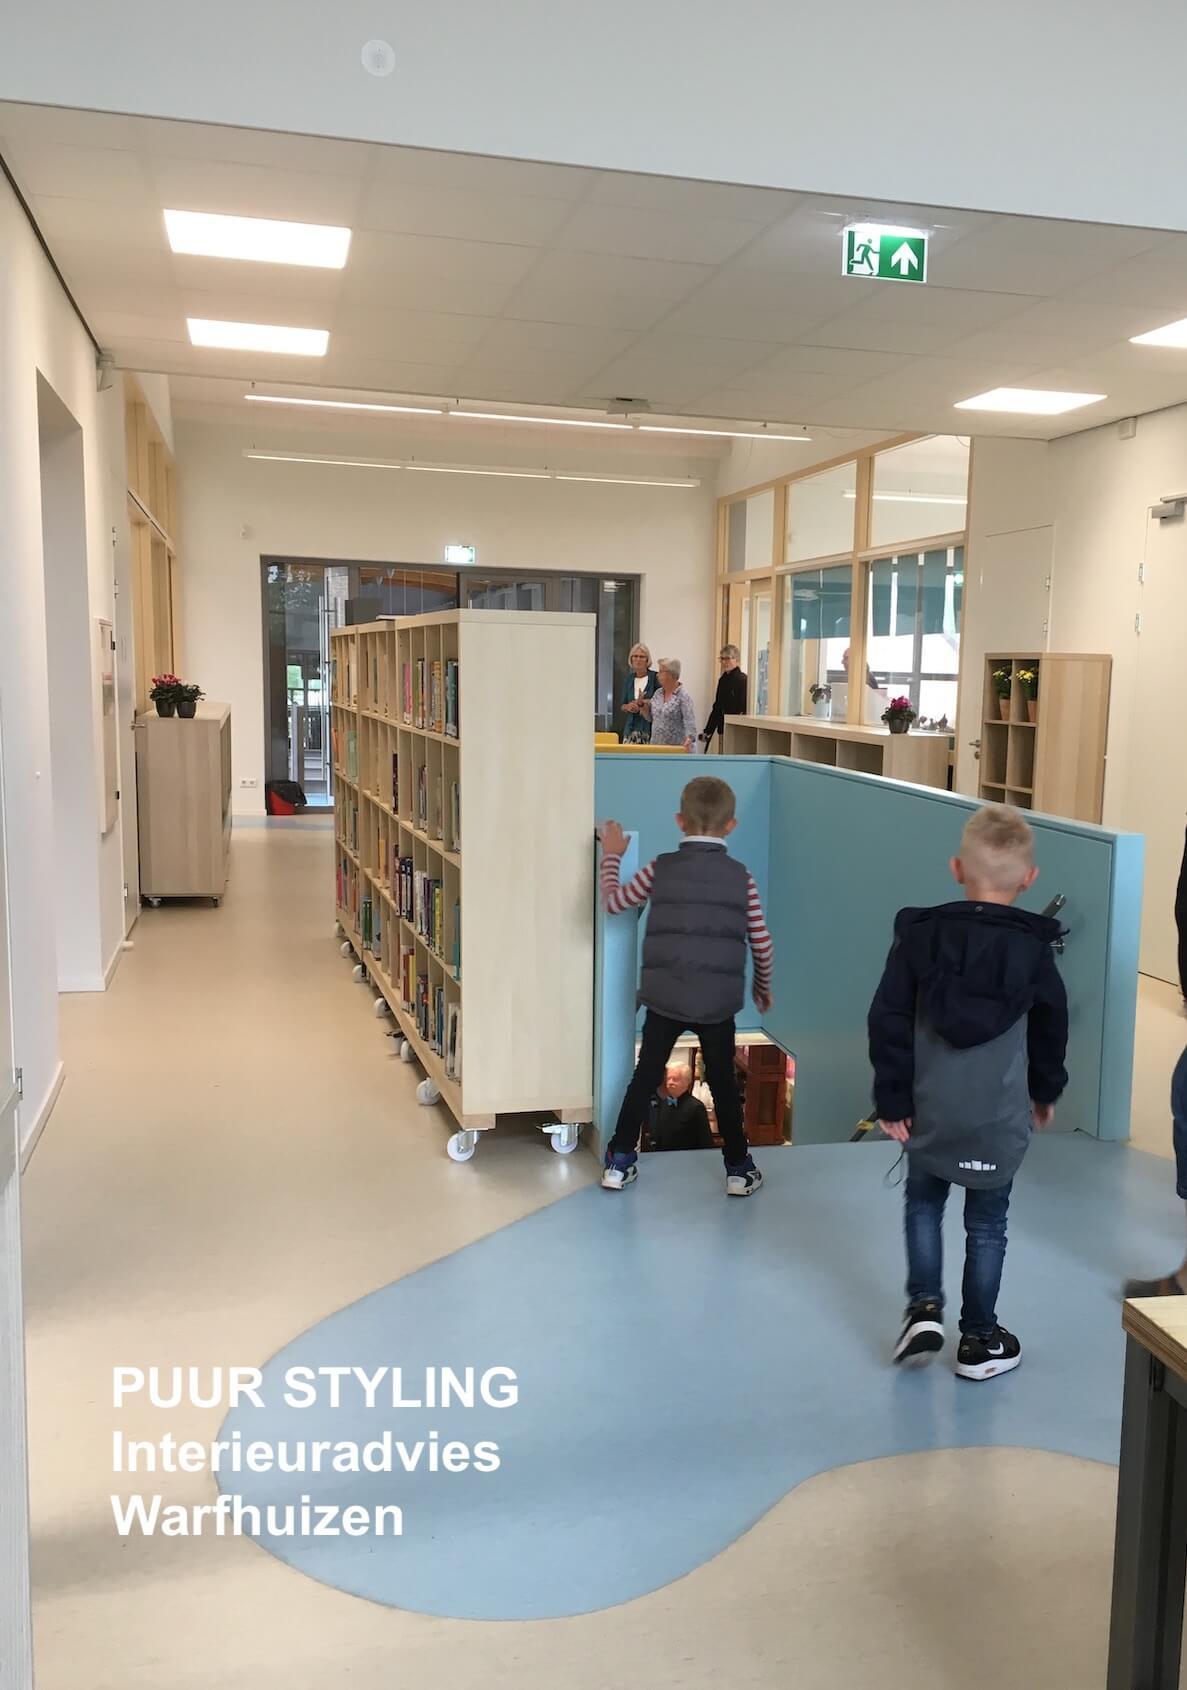 resultaat interieuradvies school leens puur styling warfhuizen 19